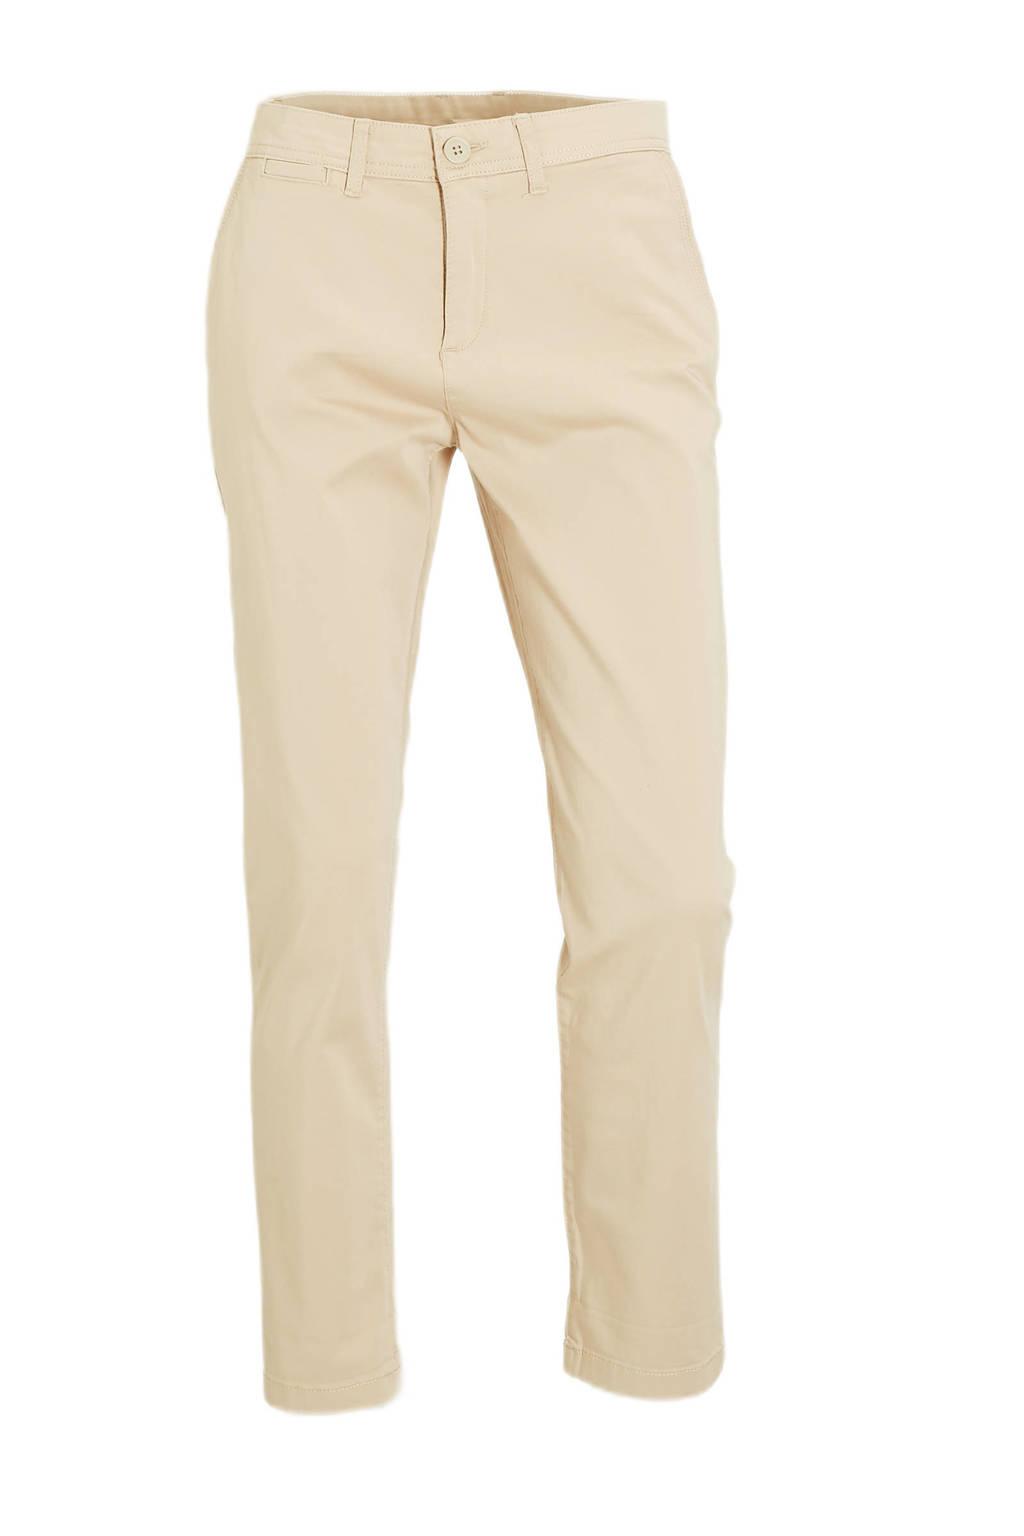 C&A Yessica regular fit broek beige, Beige